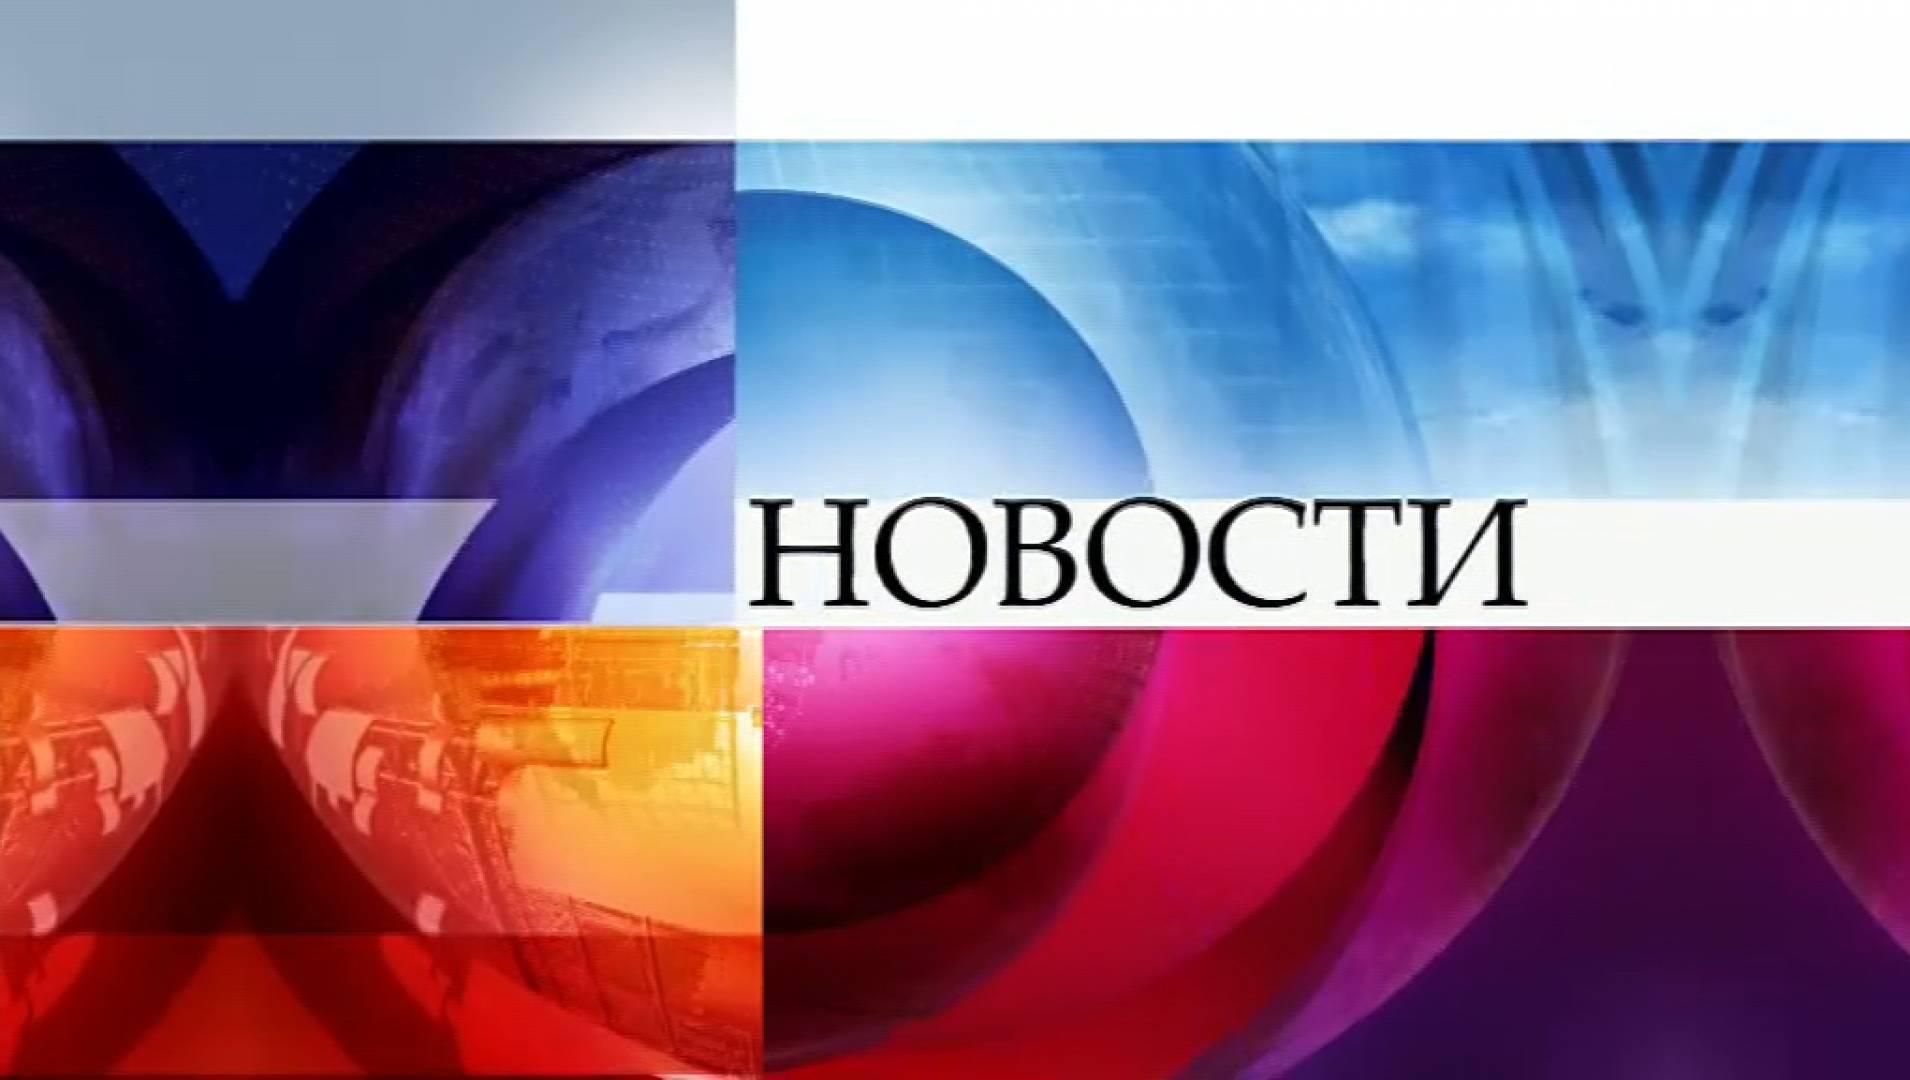 Новости - Информационная, Программа